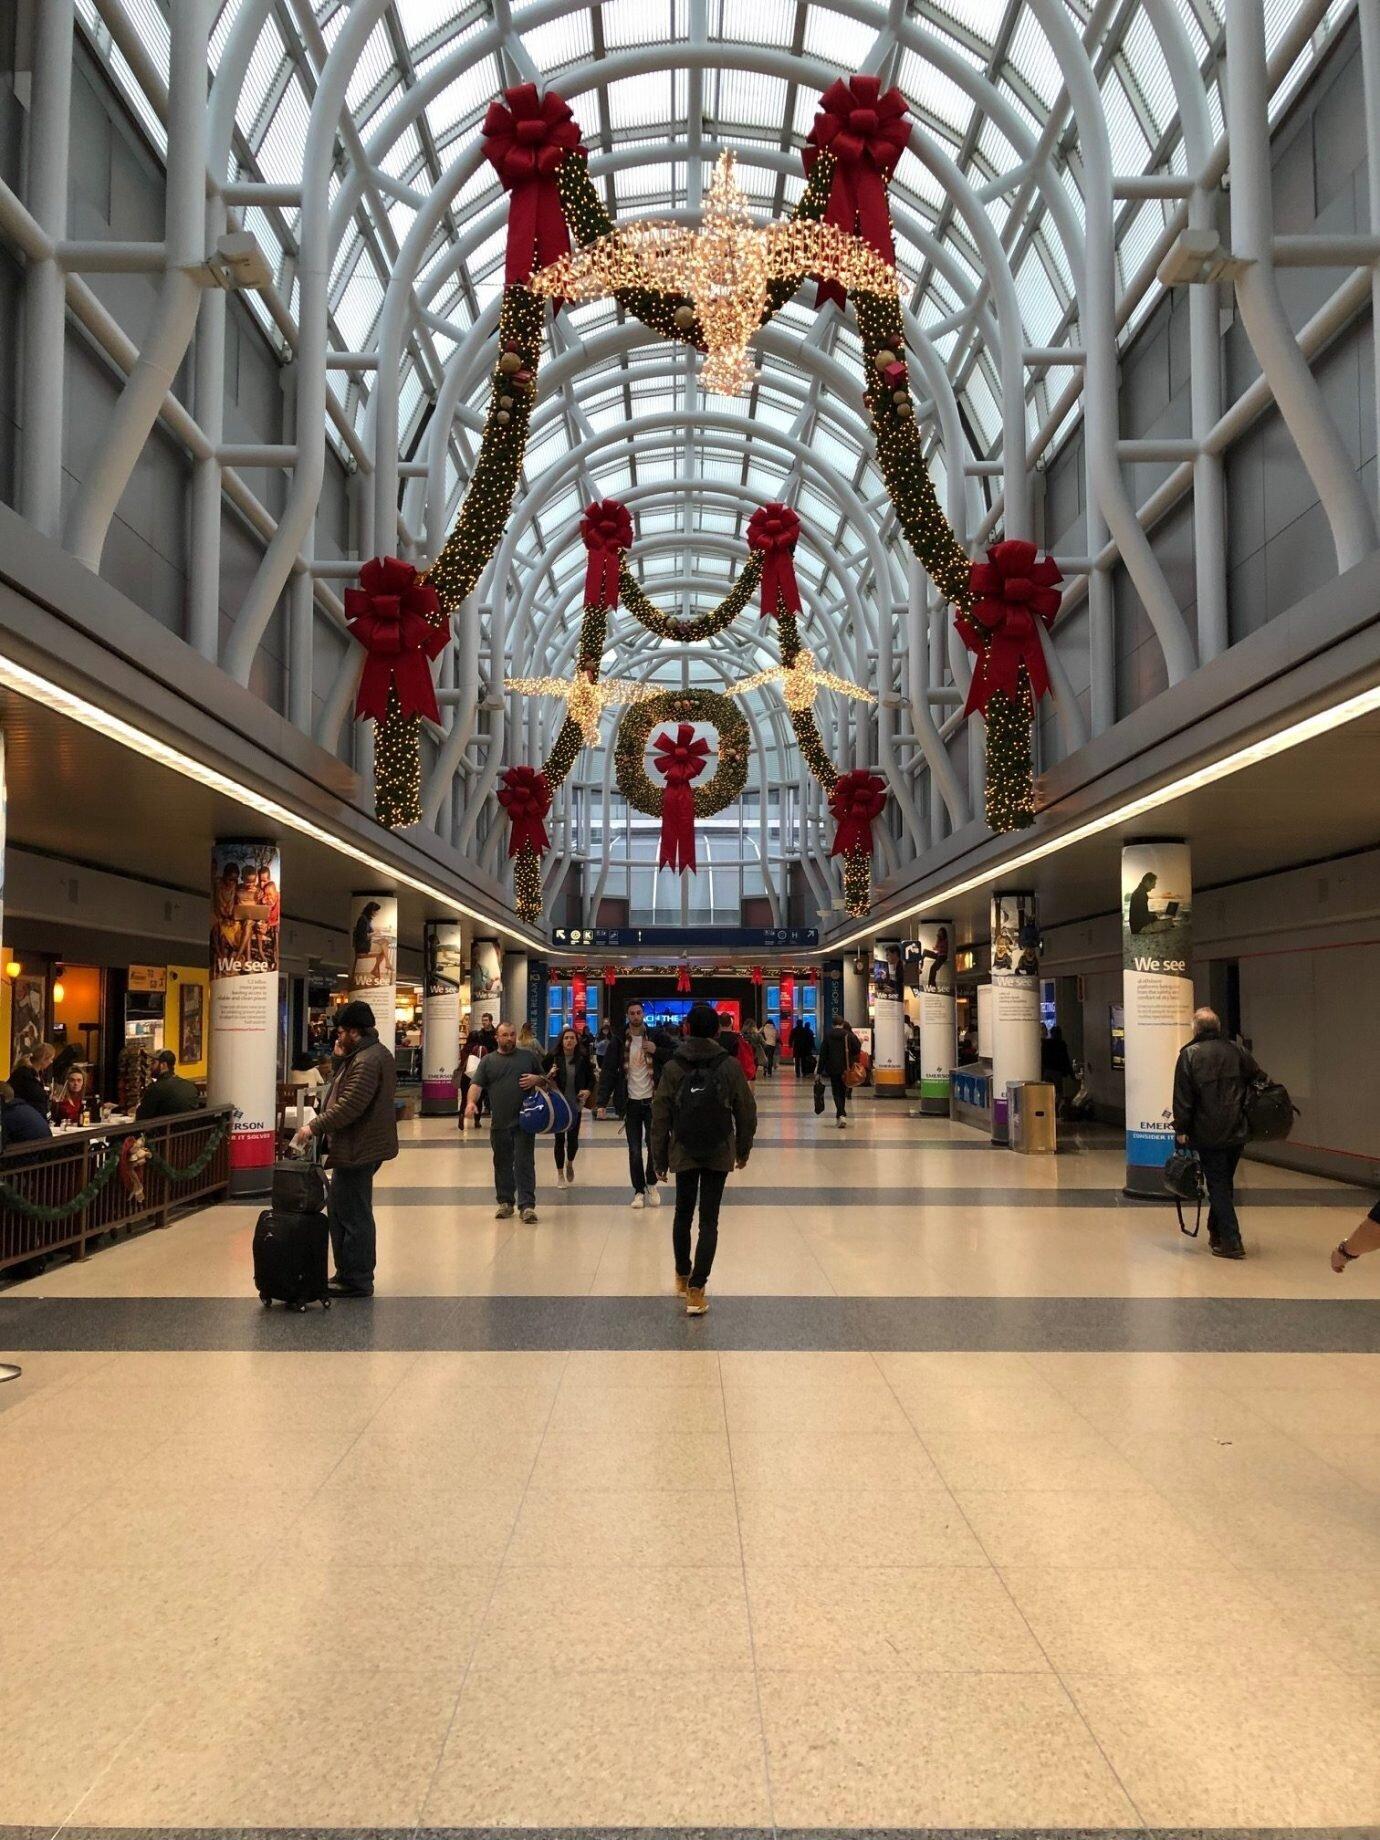 以美國航空為主的寰宇一家航空,大部分使用第三航廈/第五航廈,因為很少來這邊感覺相當新鮮。和聯合航空所在的第一航廈比起來,比較昏暗也比較小。我們是 12 月 28 日下午出發,機場仍有許多聖誕佈置